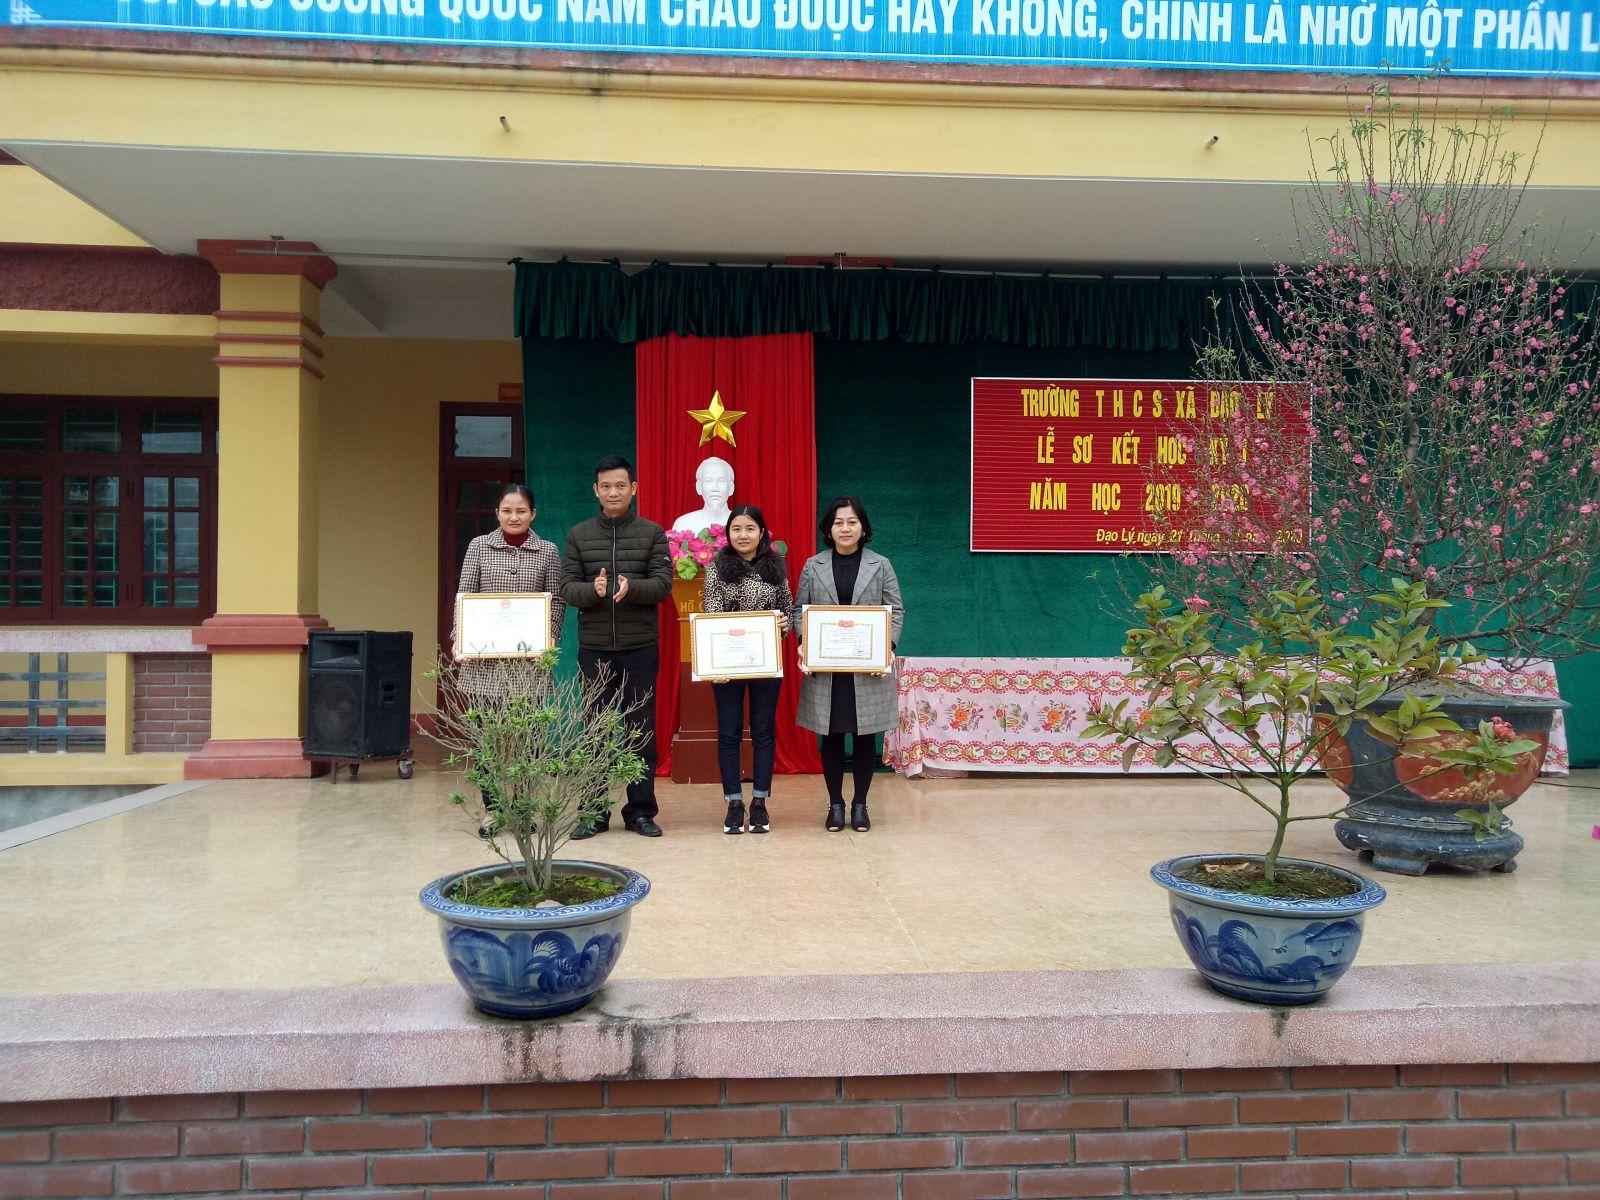 Hiệu trưởng: Thầy Phạm Ngọc Tuấn đã trao thưởng khích lệ động viên các thầy cô giáo đạt thành tích cao trong năm học trước